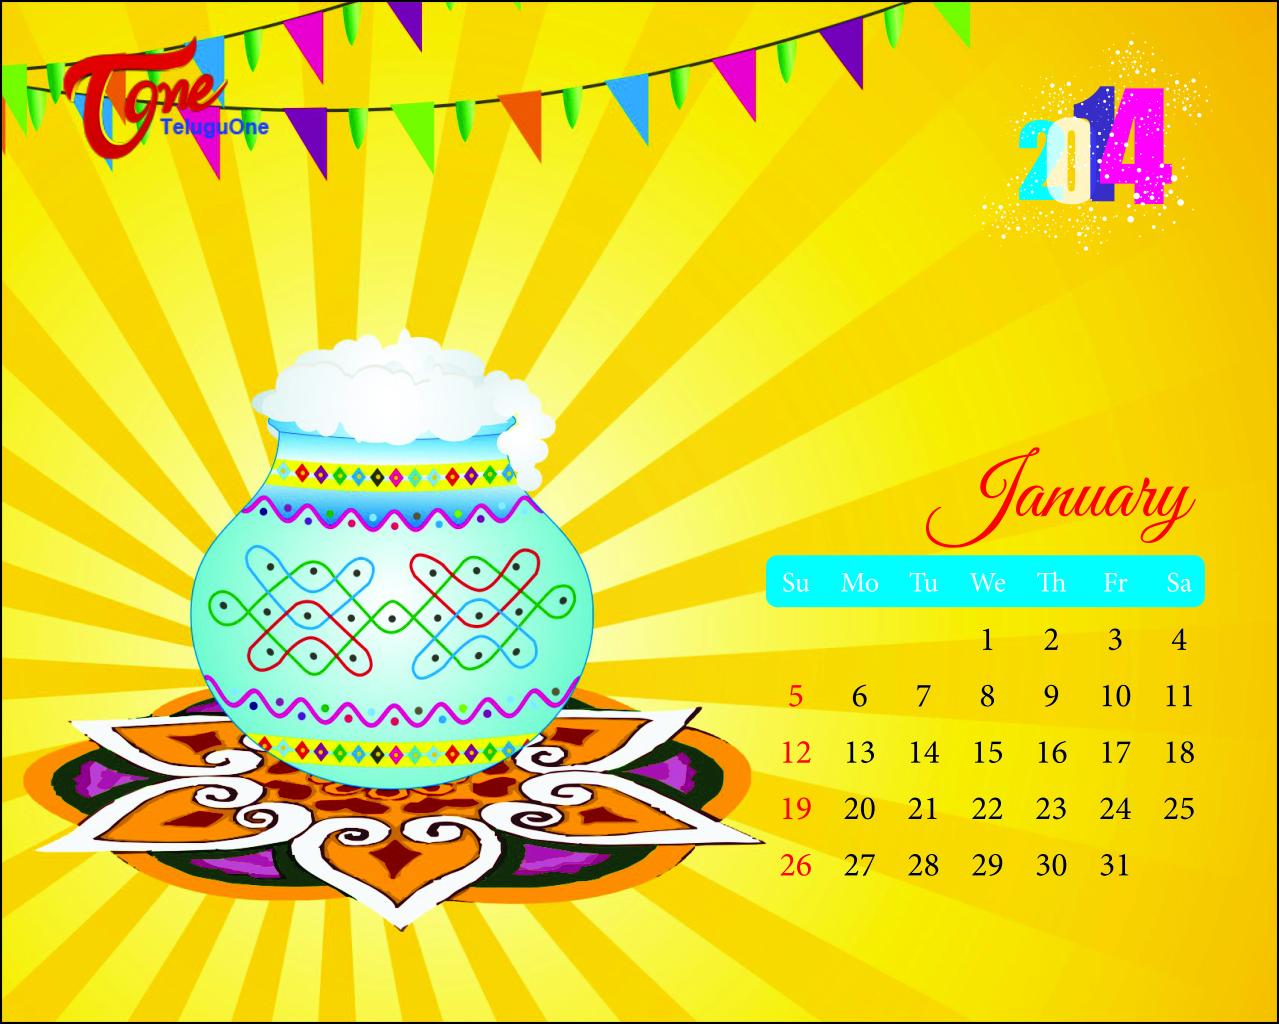 Telugu astrology 2014 in english